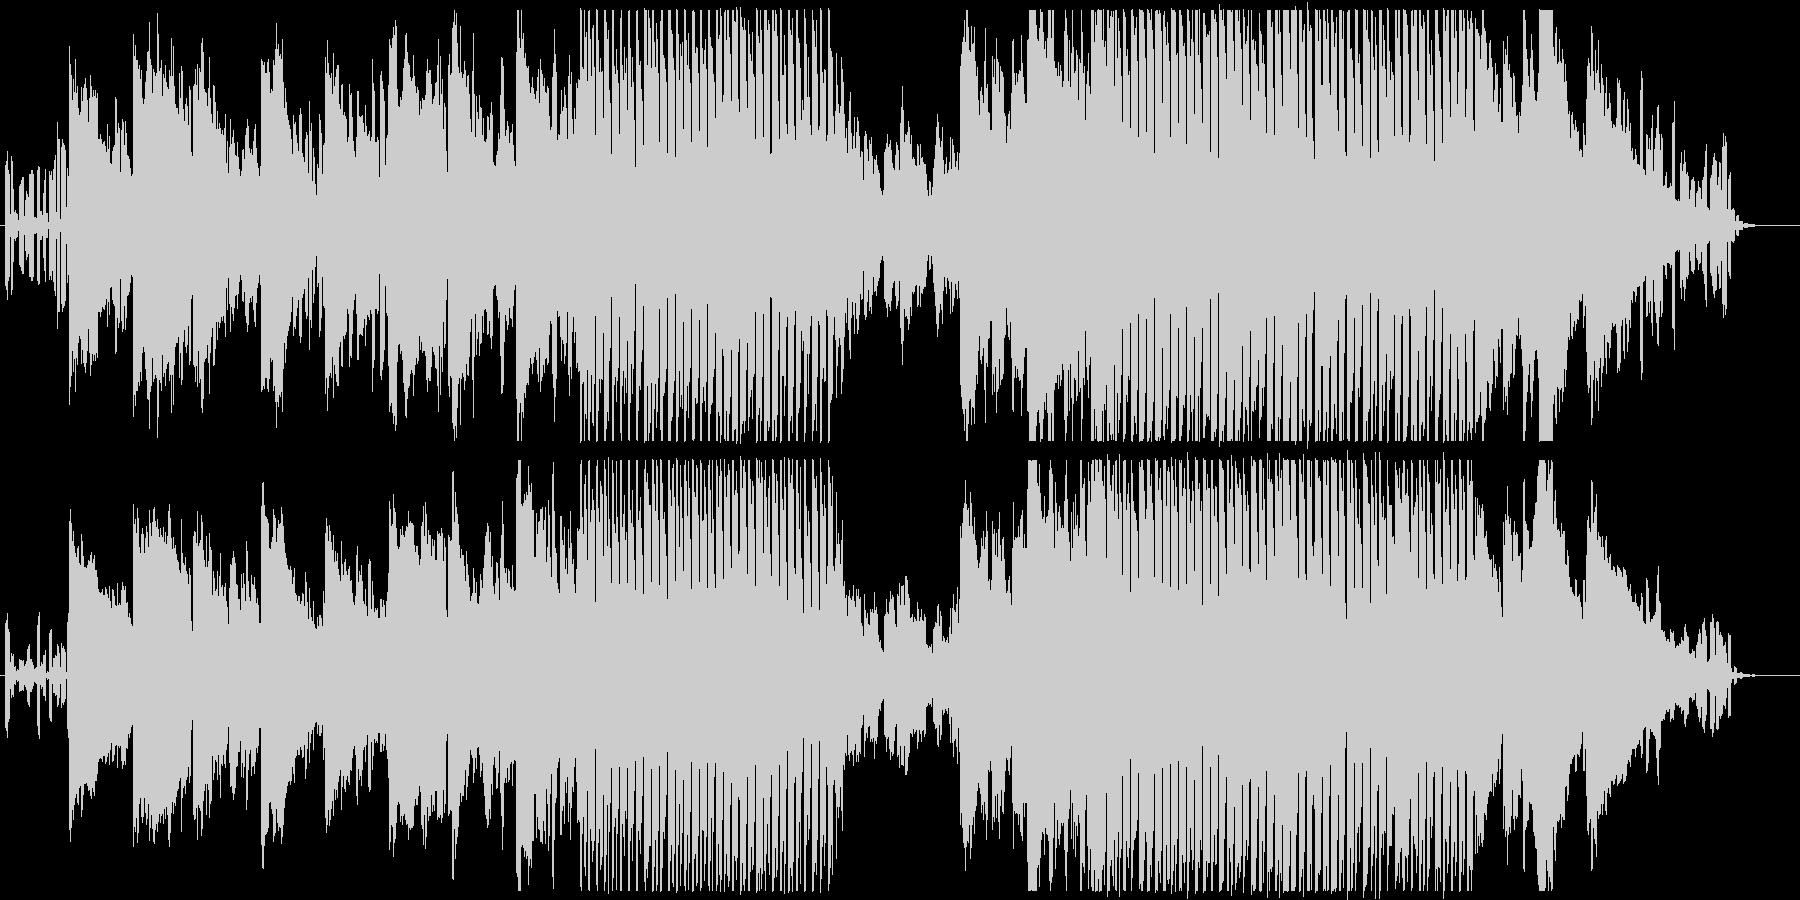 シンセやピアノ・和楽器を使用した優しい曲の未再生の波形